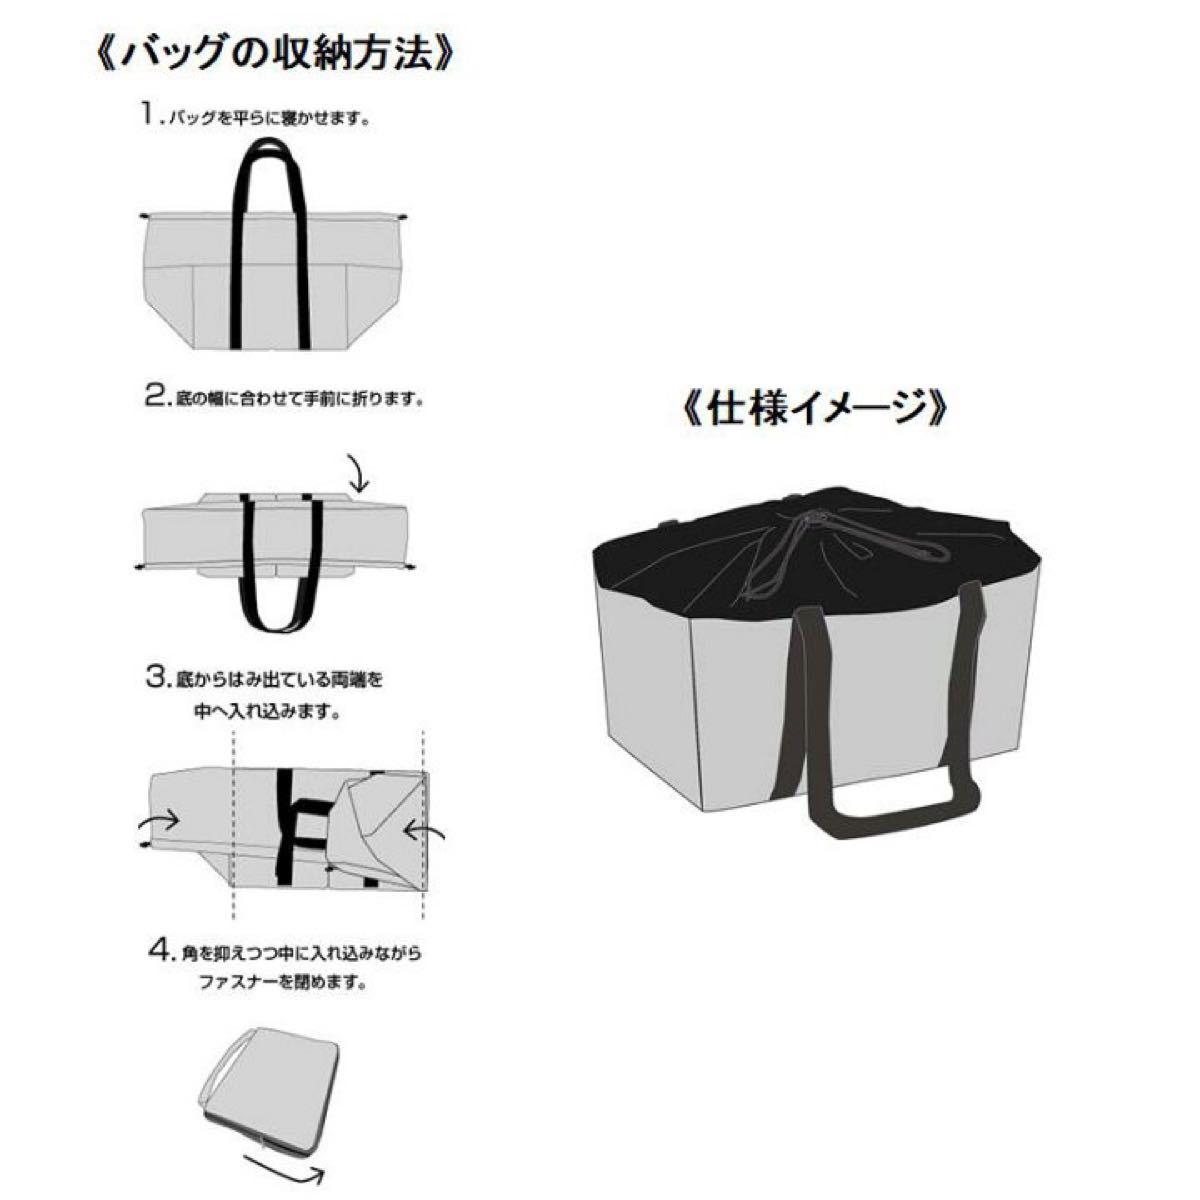 エコバッグ ミッフィー大容量 そのままカゴに装着 エコバッグ ショッピングバッグ